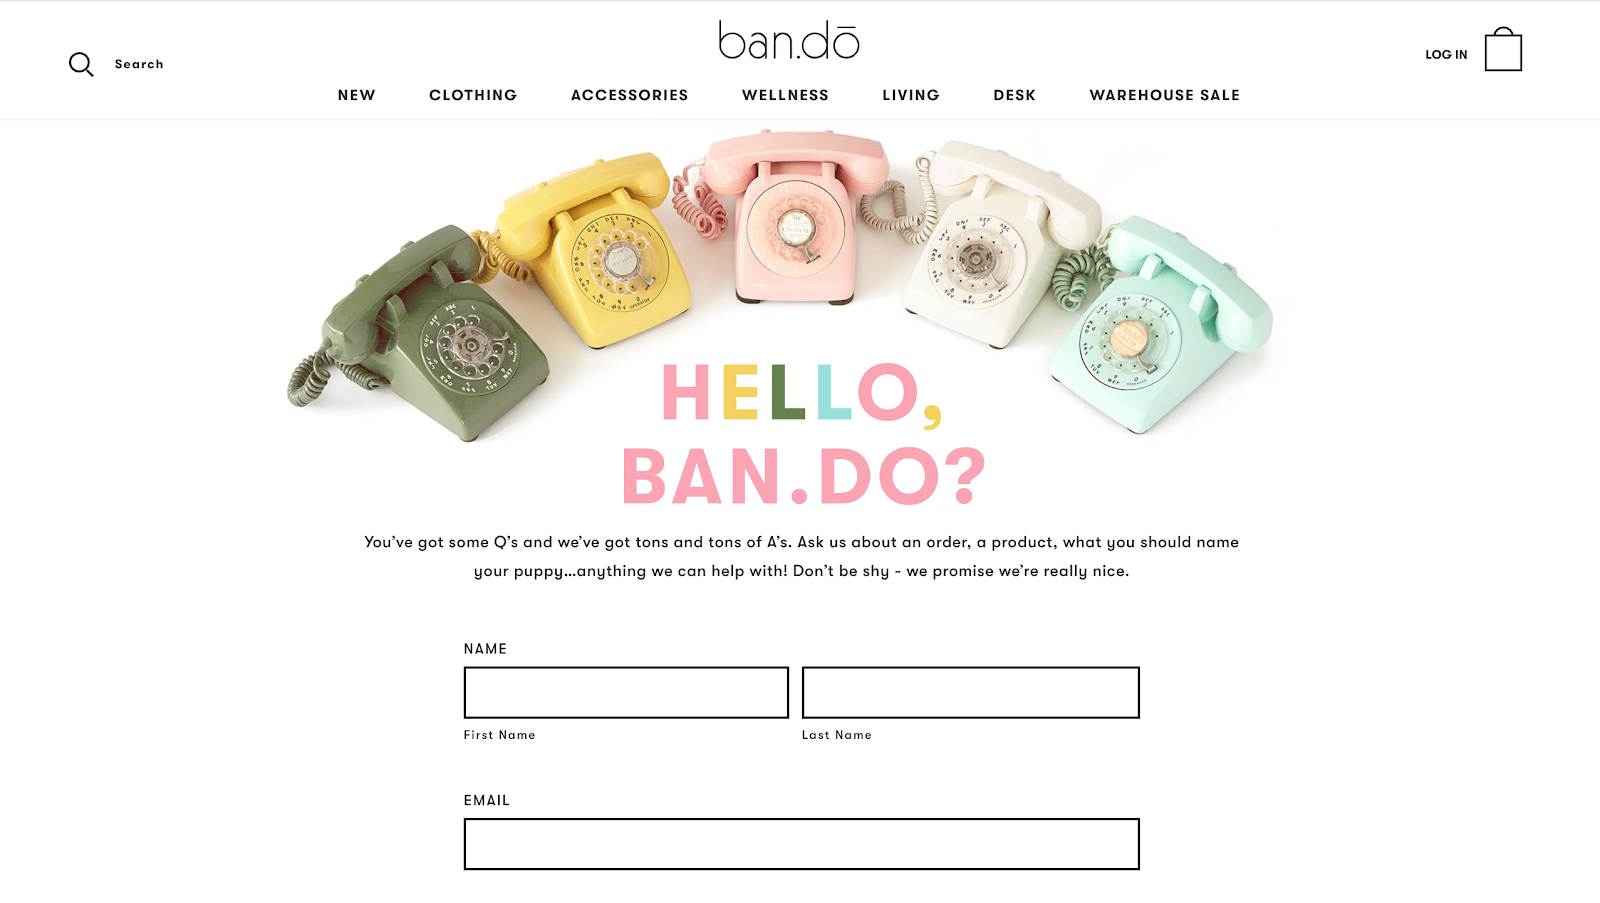 Ban.do contact form